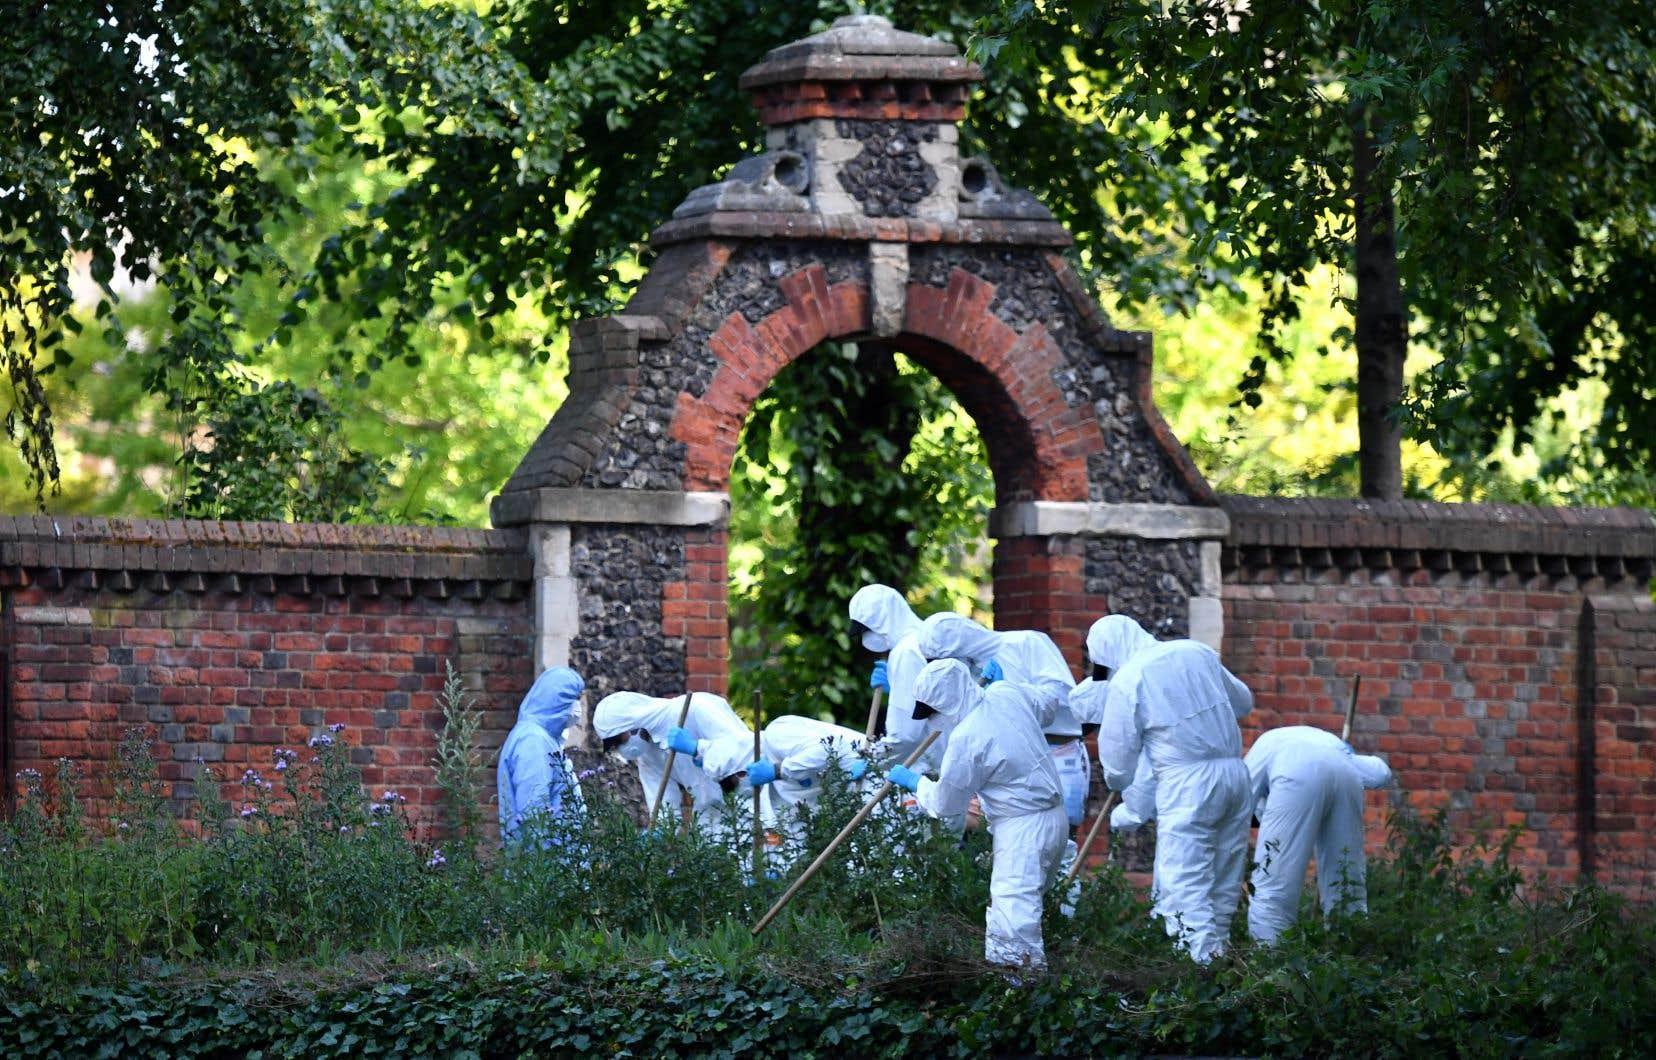 À Reading samedi, un homme seul a attaqué au couteau des groupes rassemblés dans un parc, faisant trois morts.